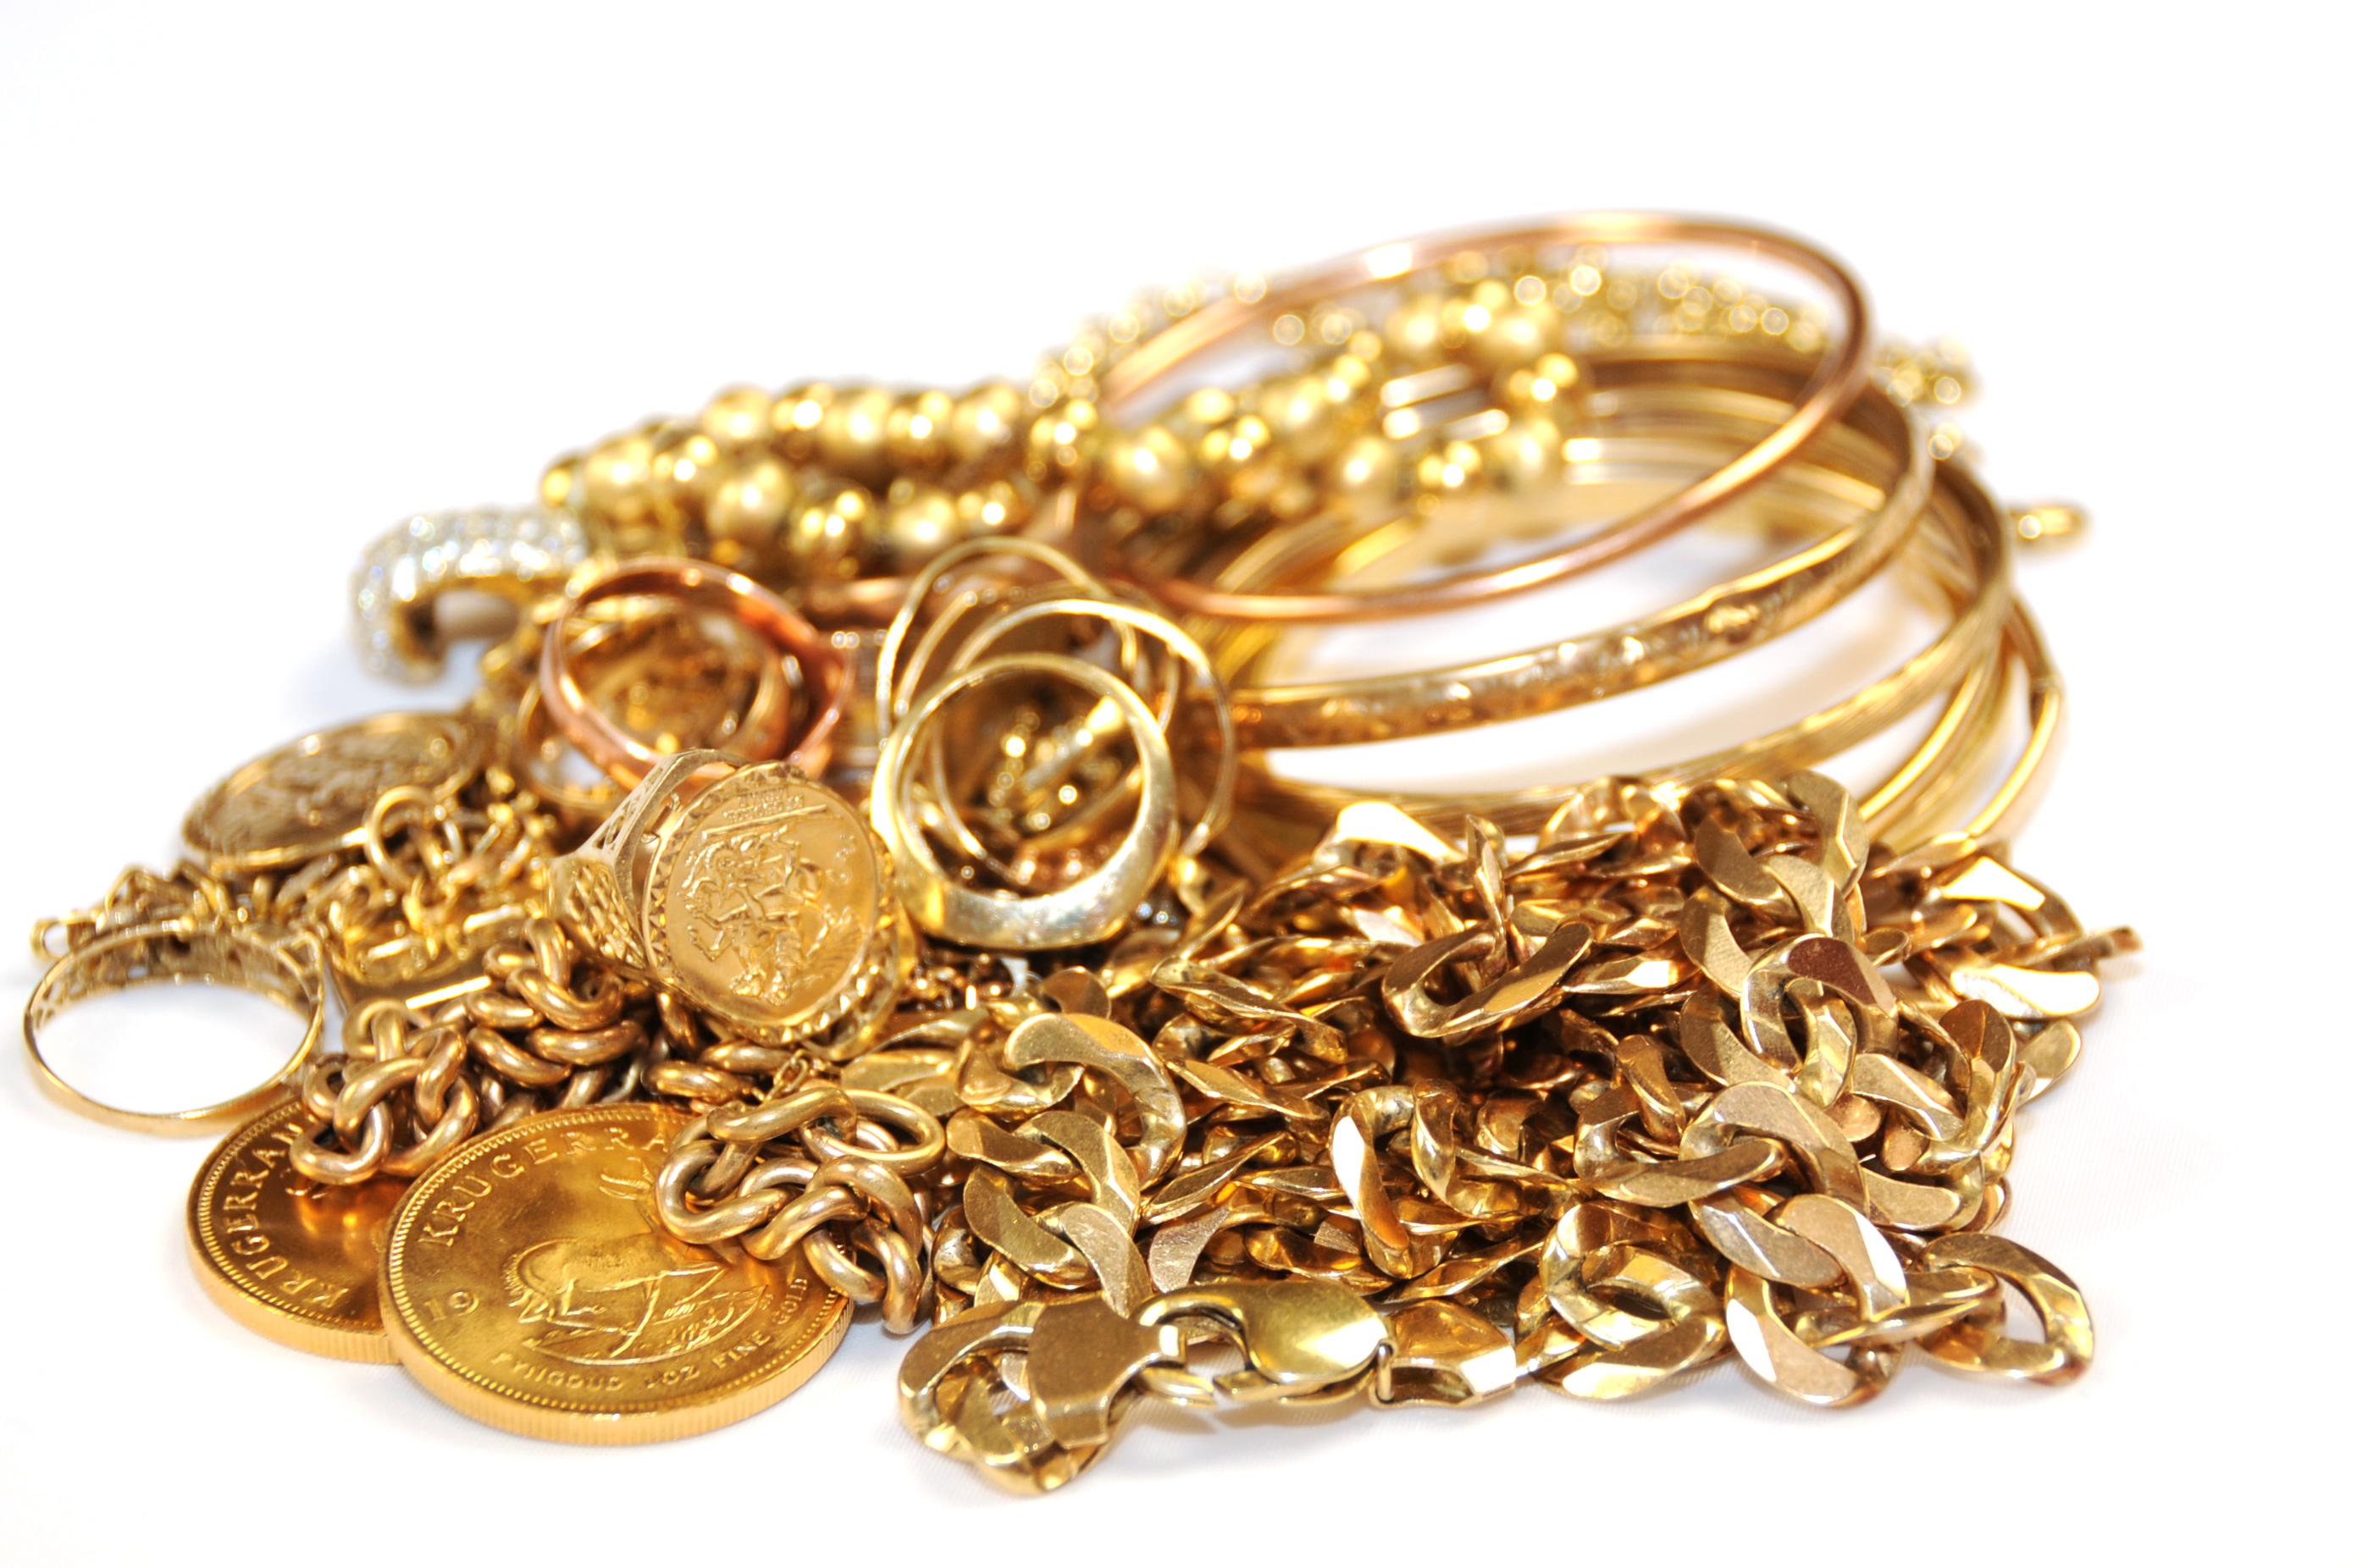 ПРОДАТЬ ЗОЛОТО в ломбард Киева, выдача денег под залог золота и ювелирных  изделий в Киеве f7bafcd10b0